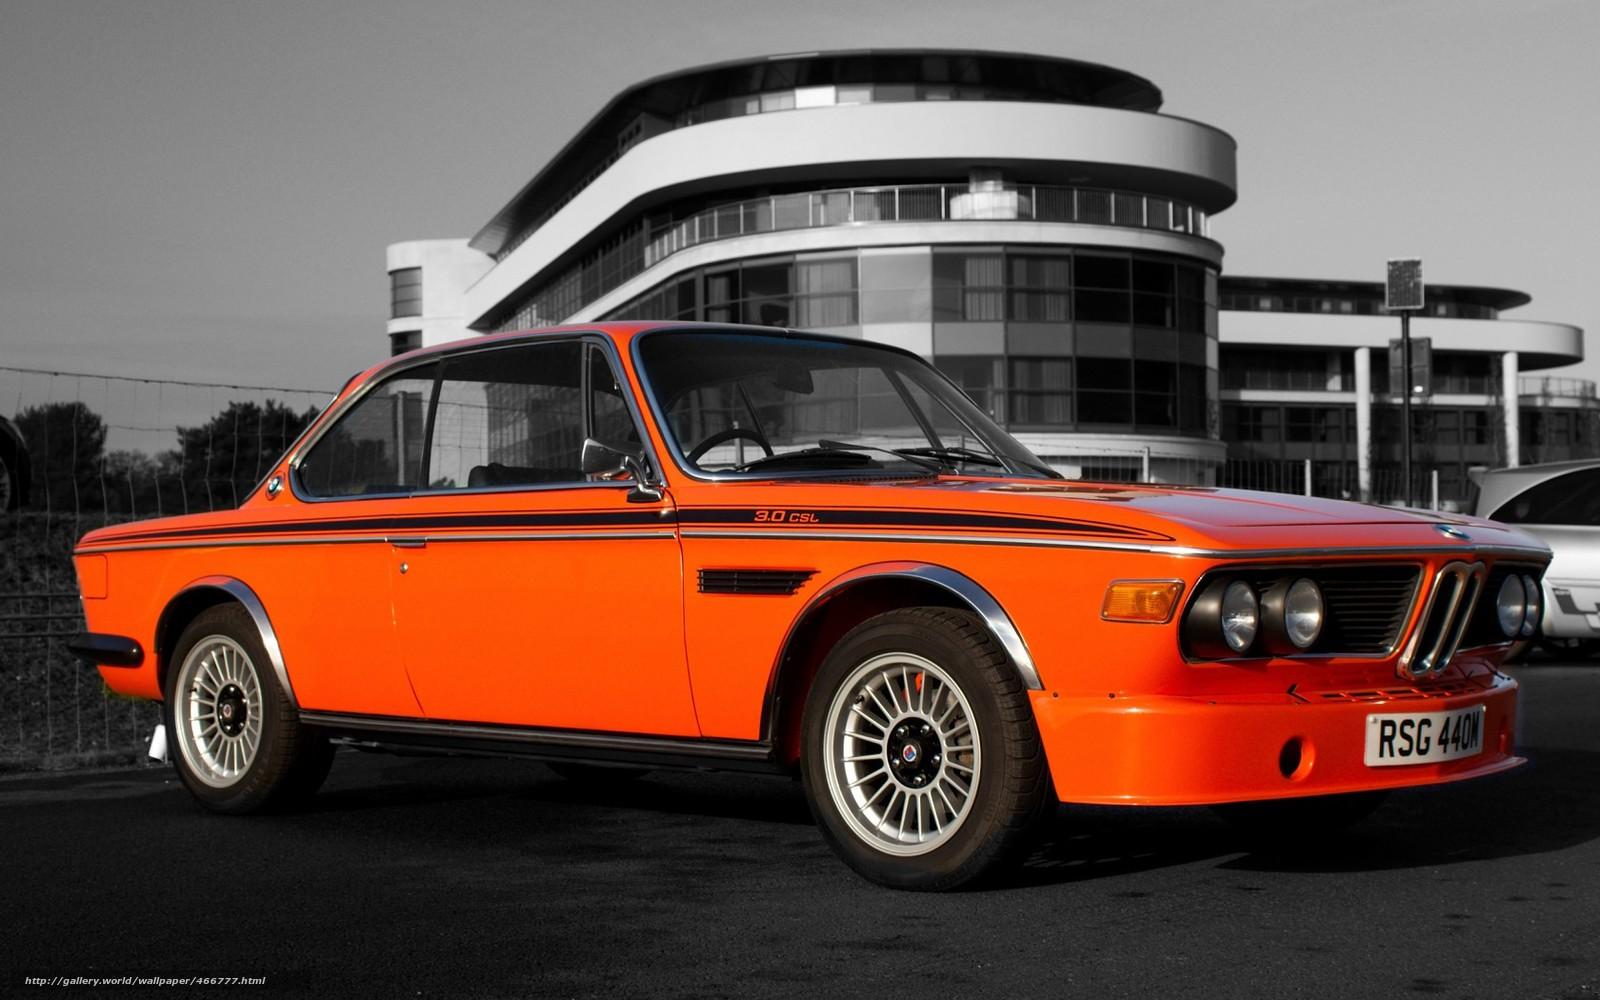 Оранжевые машины картинки 1 фотография